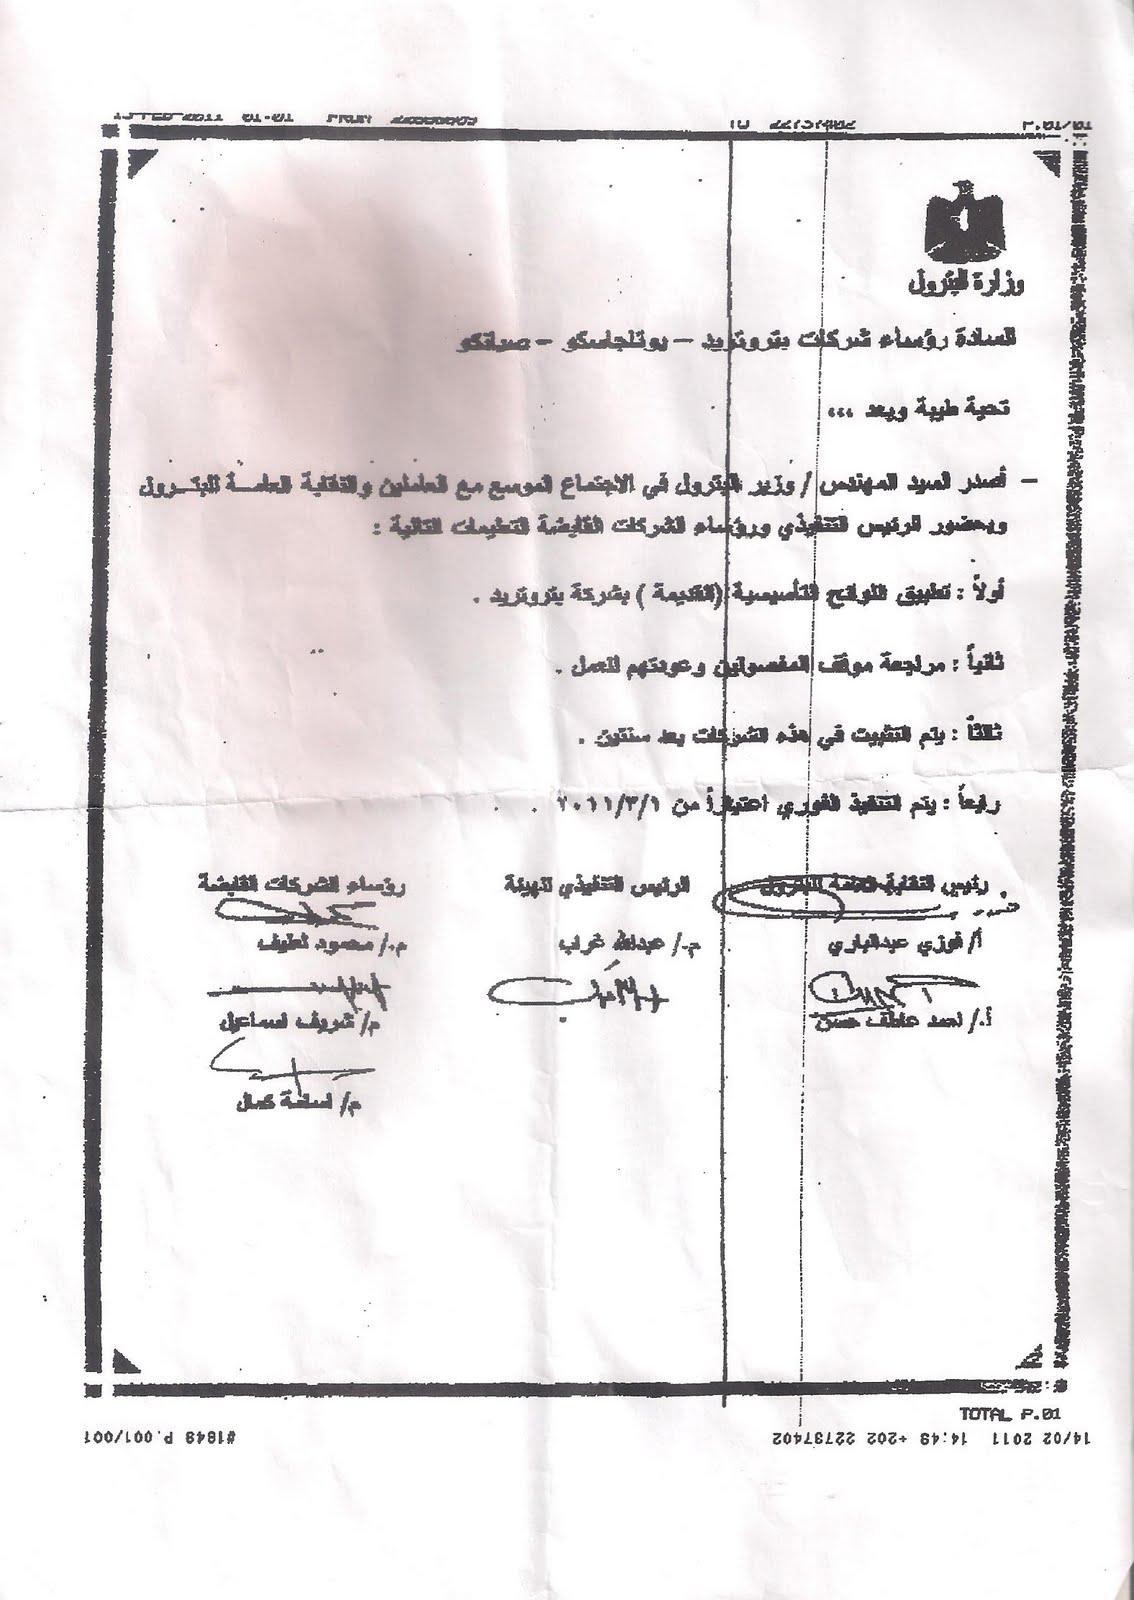 صورة القرار الوزاري بعودة كريم وزملائه إلى العمل في بتروتريد